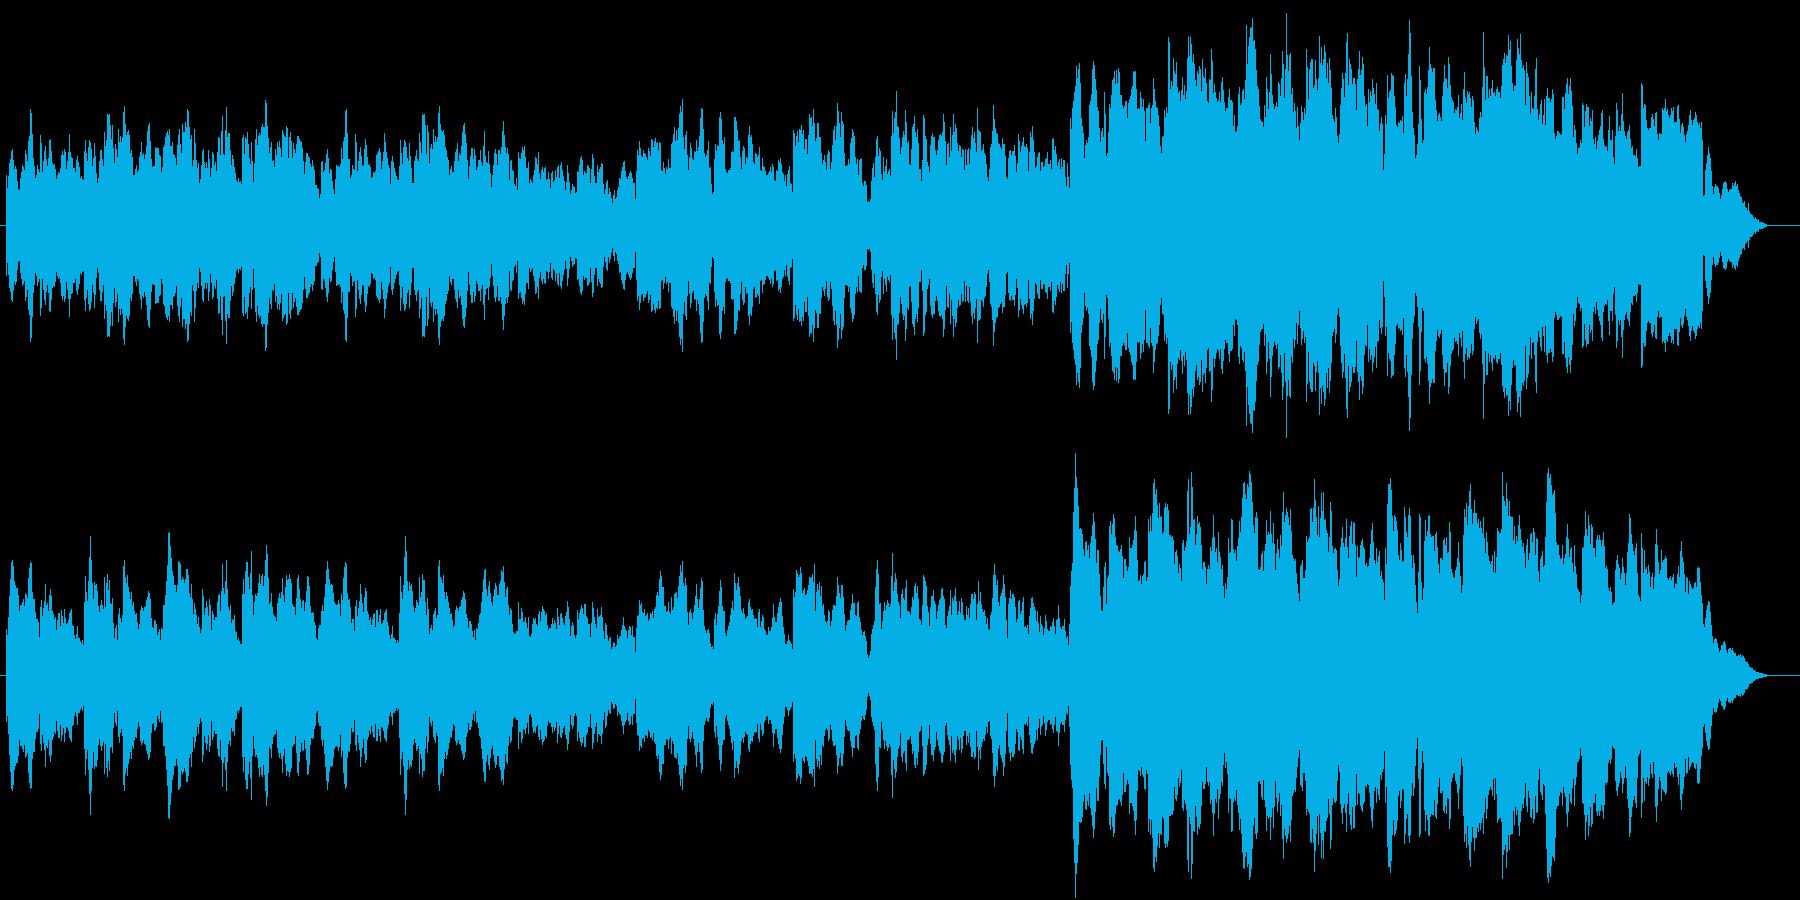 結婚行進曲(ワーグナー) 感動系アレンジの再生済みの波形